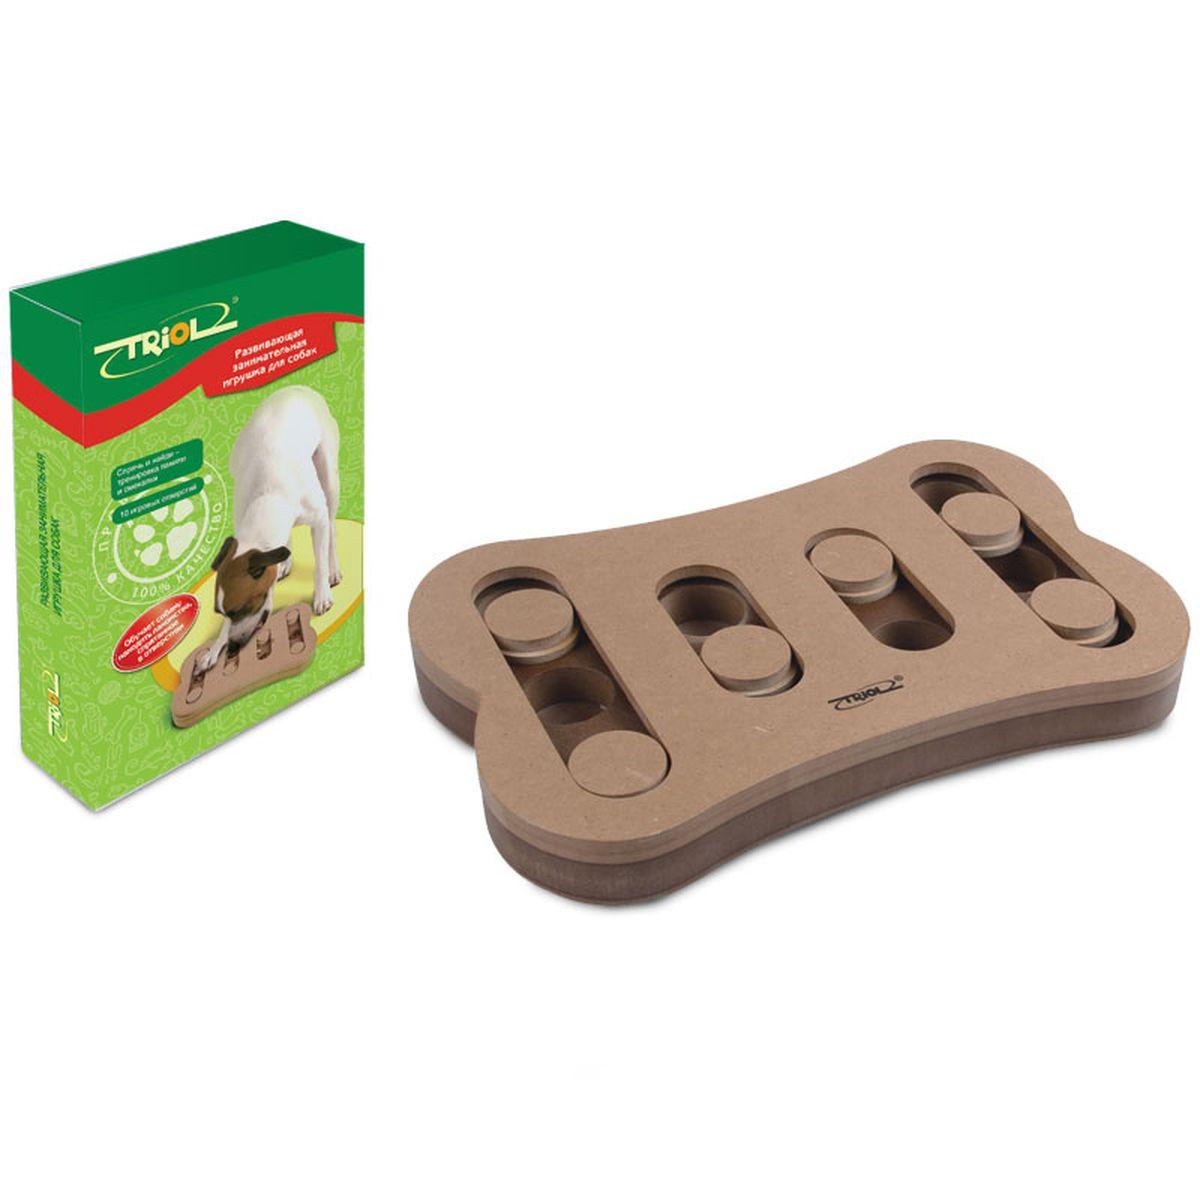 Игрушка для собак Triol Спрячь и найди, 29,5 х 19 х 3,4 смTT02Развивающая игрушка для собак Triol Спрячь и найди не просто скрашивают досуг питомца и его владельца, они помогают в дрессировке, тренируют память и мышление домашних питомцев, да и просто украшают интерьер своим необычным видом. Практичная игрушка, наполняемая кормом, для щенков и собак, займет вашего четвероногого друга на долгие часы. Вам достаточно лишь спрятать угощение в одной из лунок и накрыть их пятнашками. Используя лапы и нос, собака сама сможет определять, где именно спрятано лакомство, и доставать его оттуда.Игрушка Спрячь и найди предназначена для тренировки памяти и смекалки. На каждой стороне игрушки есть специальные отверстия, вкоторые можно положить кусочки лакомств, чтобы питомцам было гораздо интереснее выполнять задания. Развивающая игрушка-кормушка для собак Triol Спрячь и найди стимулирует охотничьи навыки собаки, стимулируя ее к активному поиску обычного корма или лакомства.Размер: 29,5 х 19 х 3,4 см.